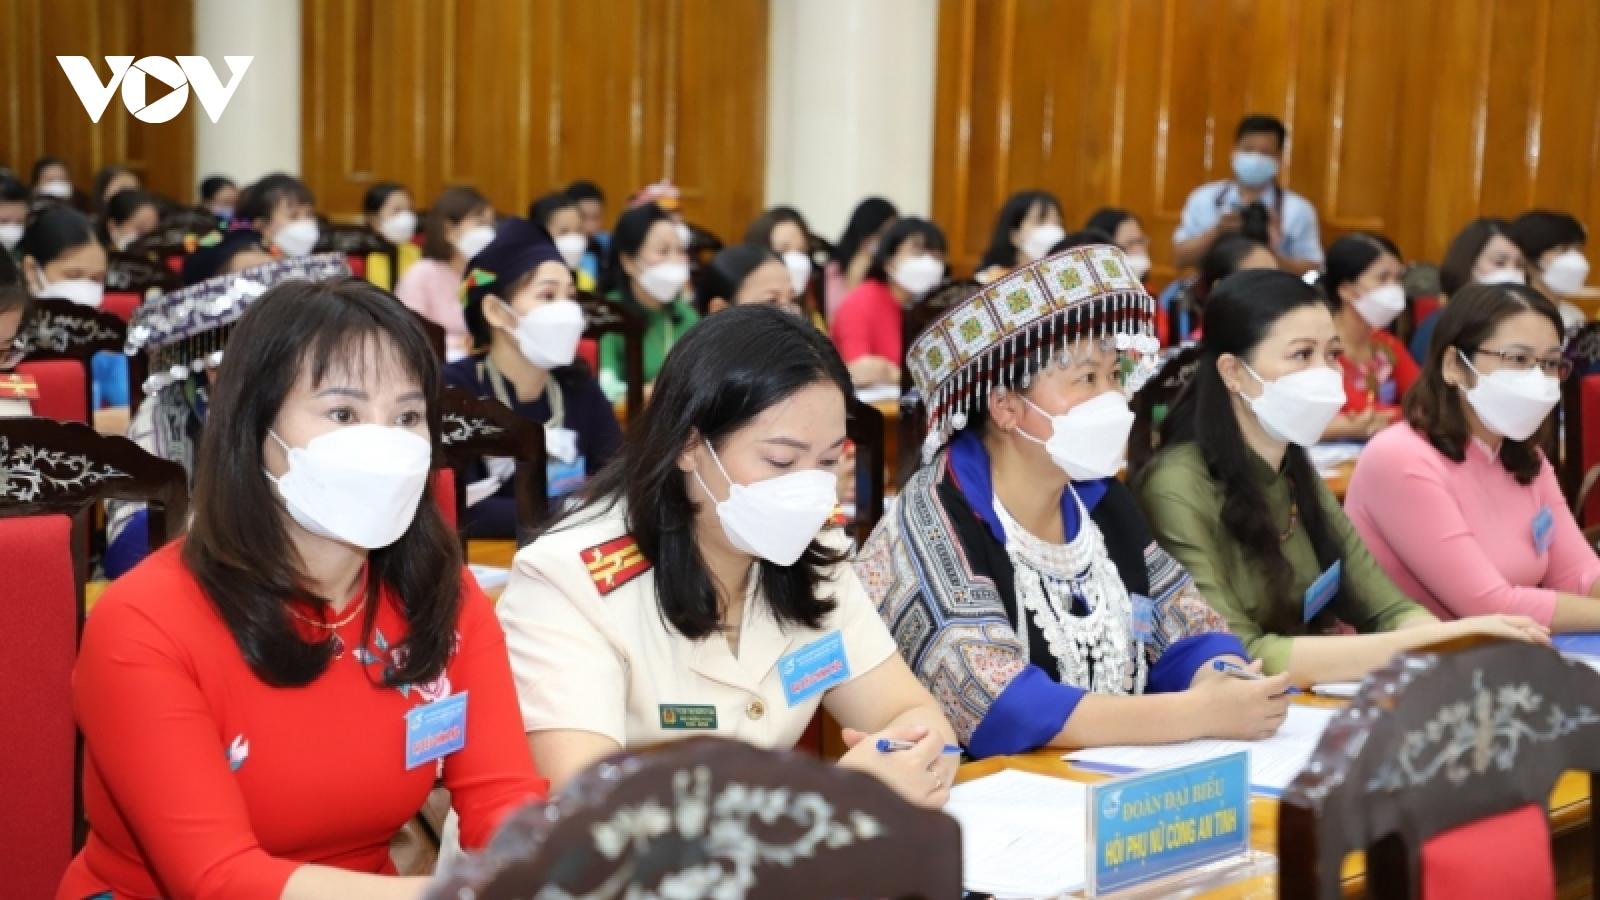 Phụ nữ Yên Bái tổ chức gần 3.000 buổi tuyên truyền phòng chống Covid-19